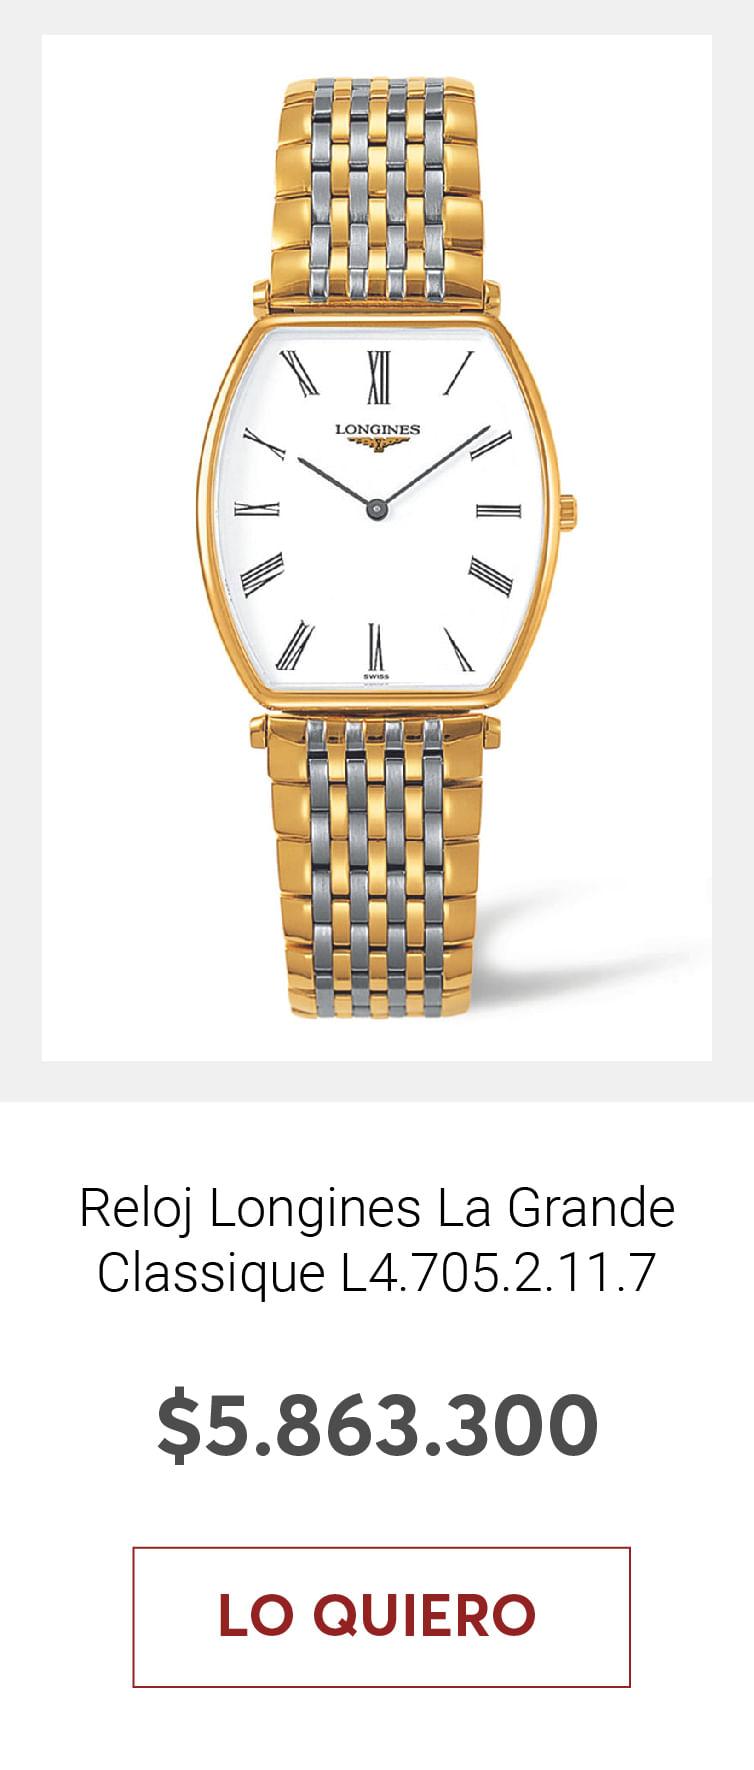 Reloj Longines La Grande Classique de Longines Tonneau L4.705.2.11.7